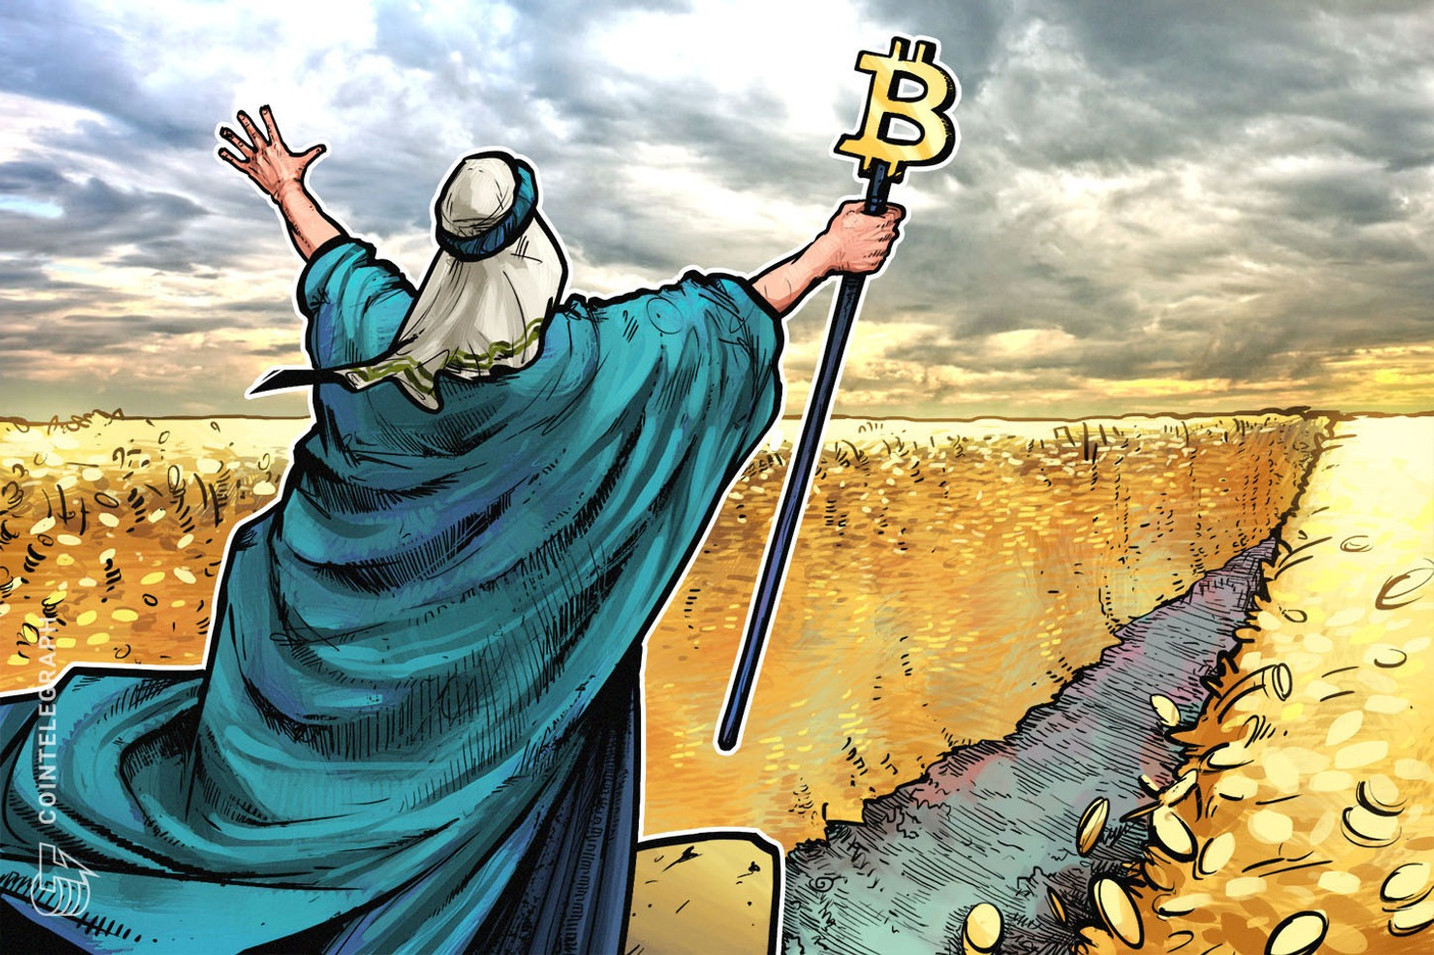 仮想通貨ビットコインに調整サインか CMEのBTC先物、8900ドル付近にギャップ出現【価格予想】